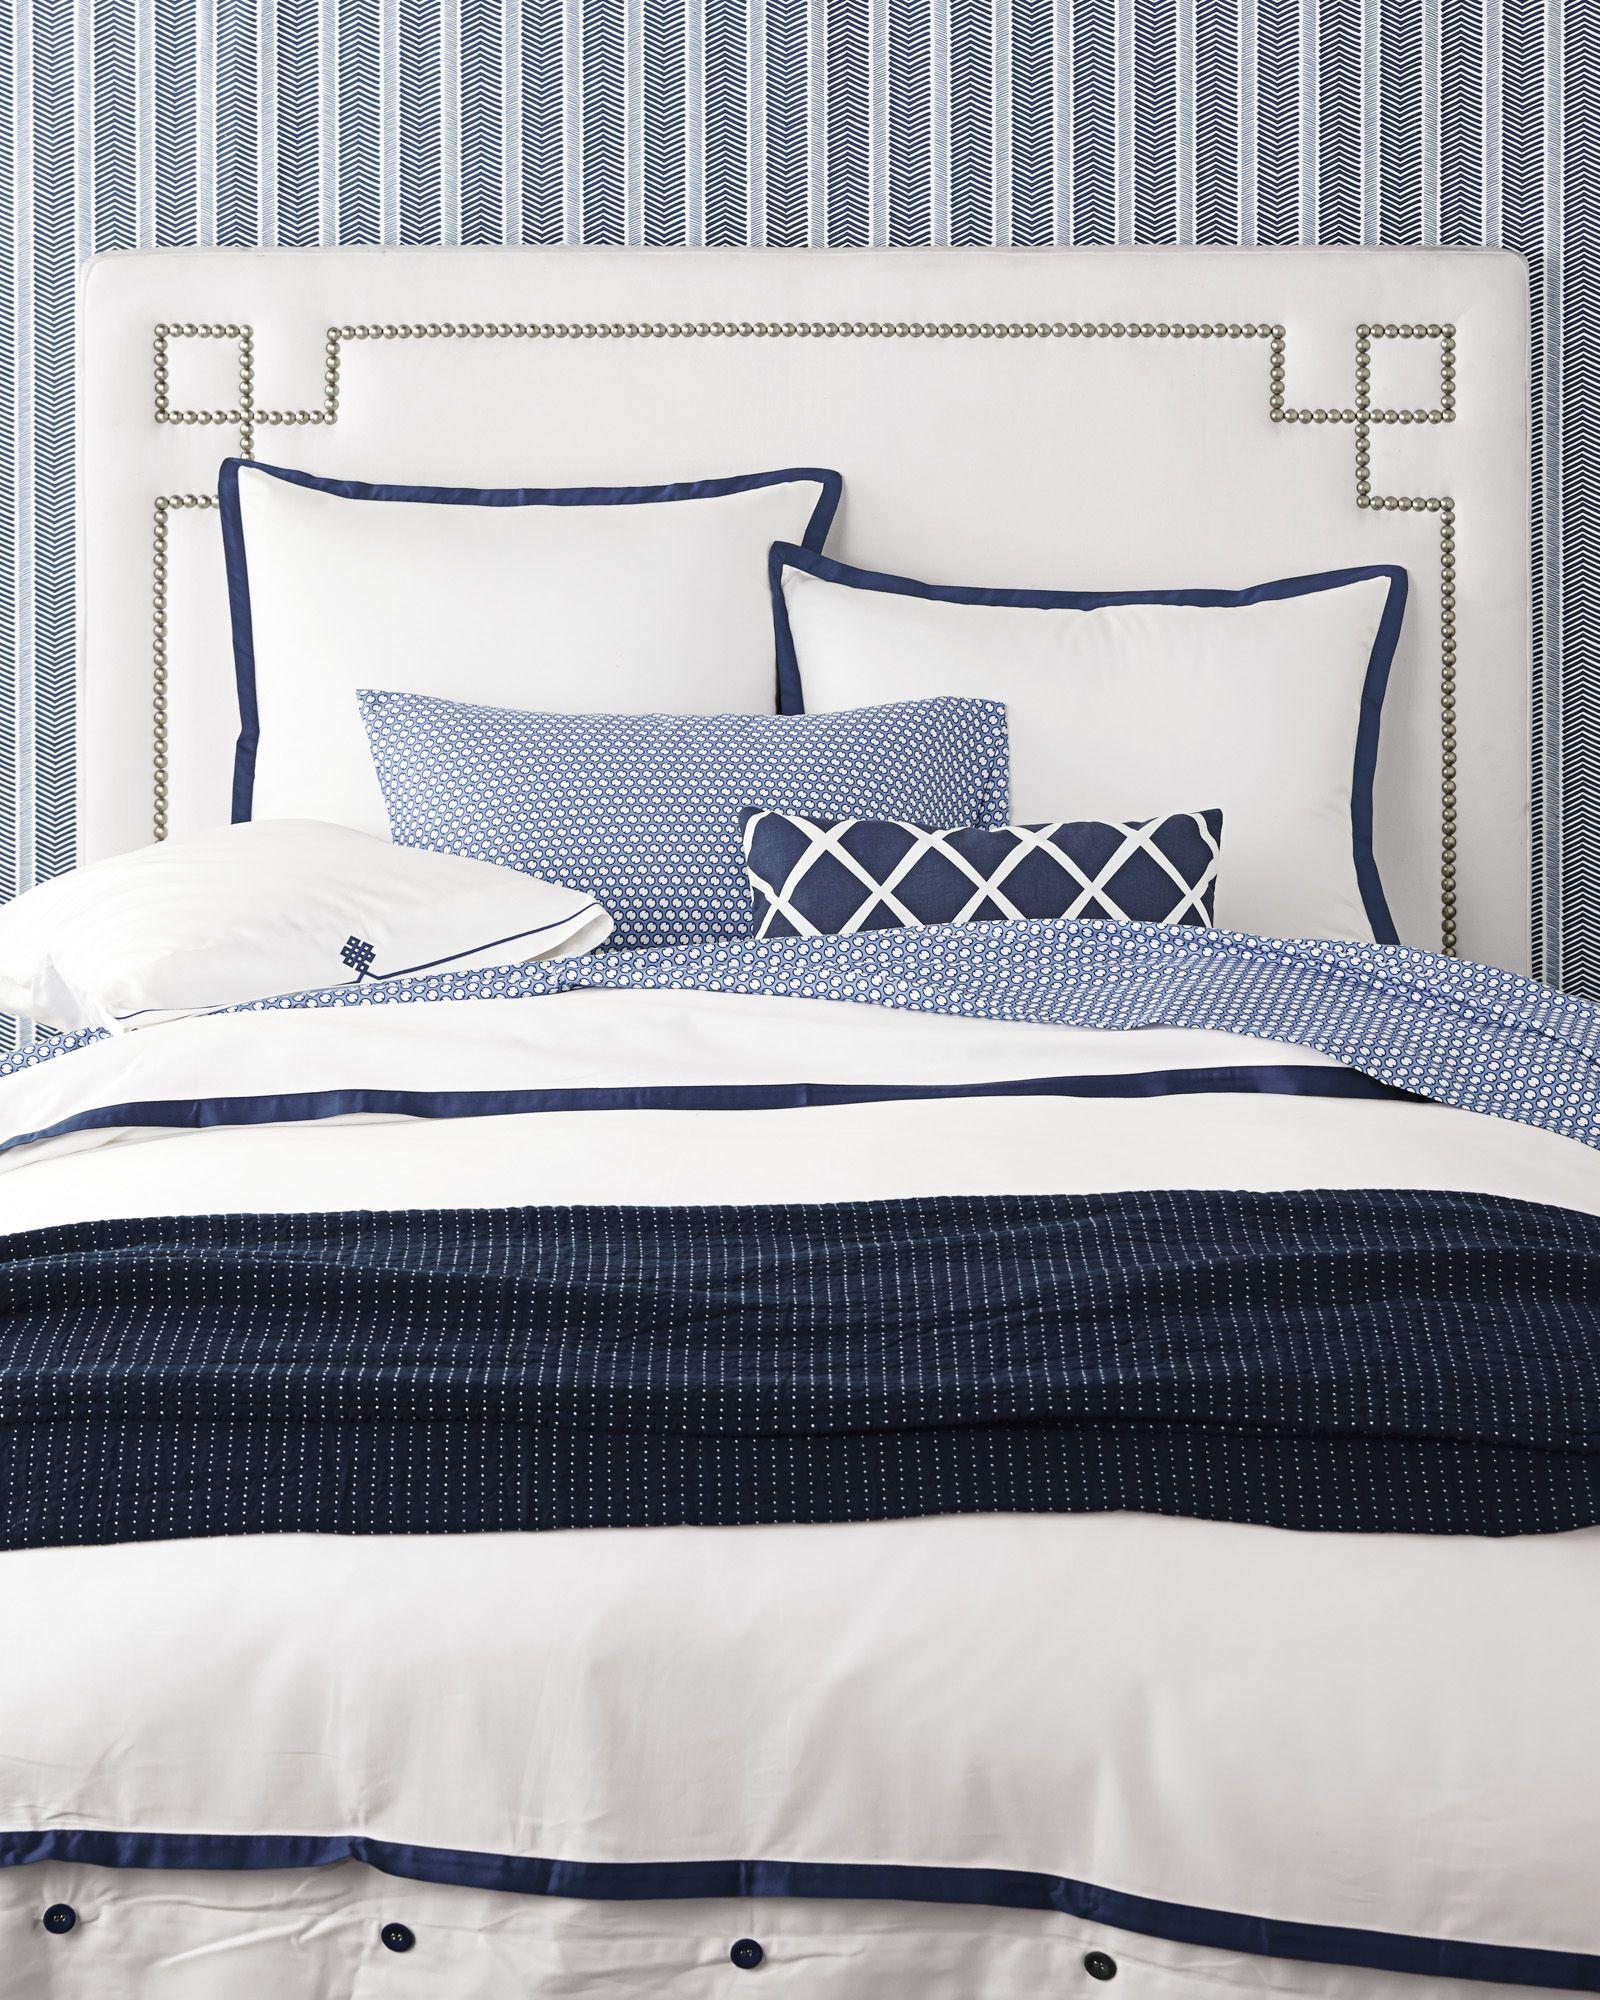 Best Border Frame Duvet Cover Navy Bdu04 K White Bedroom 400 x 300